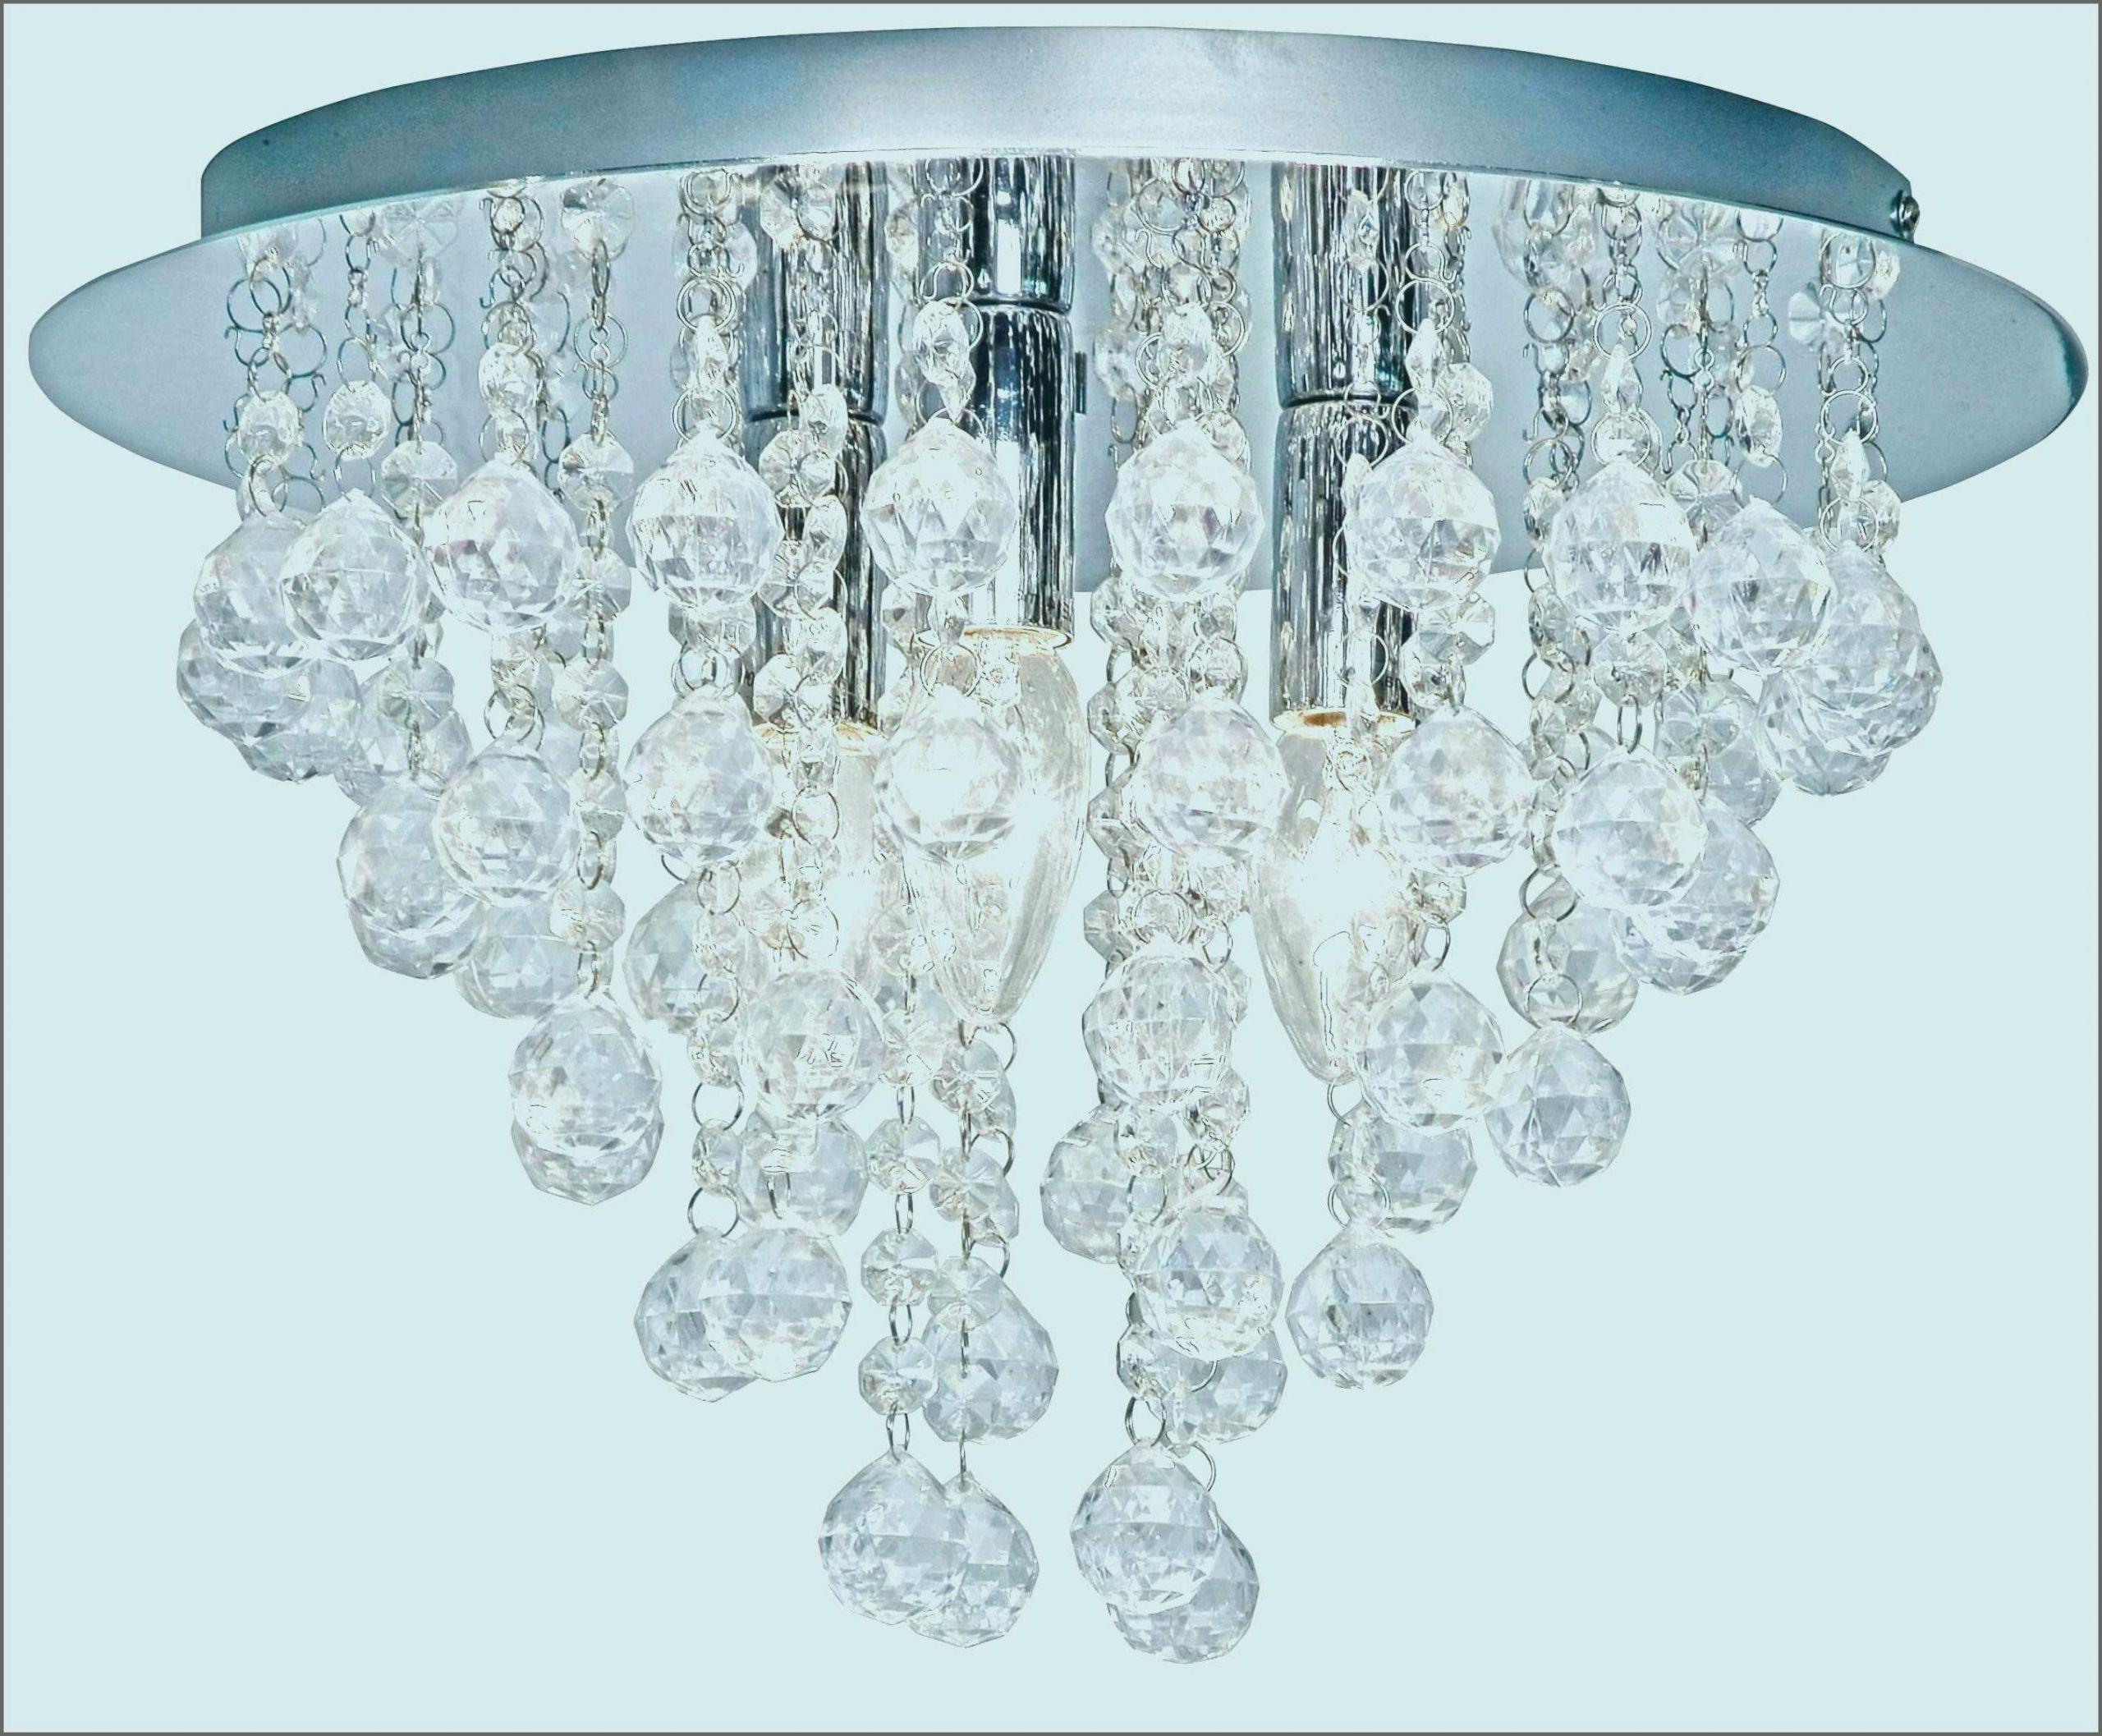 Full Size of Ikea Lampen Wohnzimmer Elegant 32 Fantastisch Und Modern Deckenlampen Stehlampen Led Designer Esstisch Miniküche Küche Kosten Sofa Mit Schlaffunktion Bad Wohnzimmer Ikea Lampen